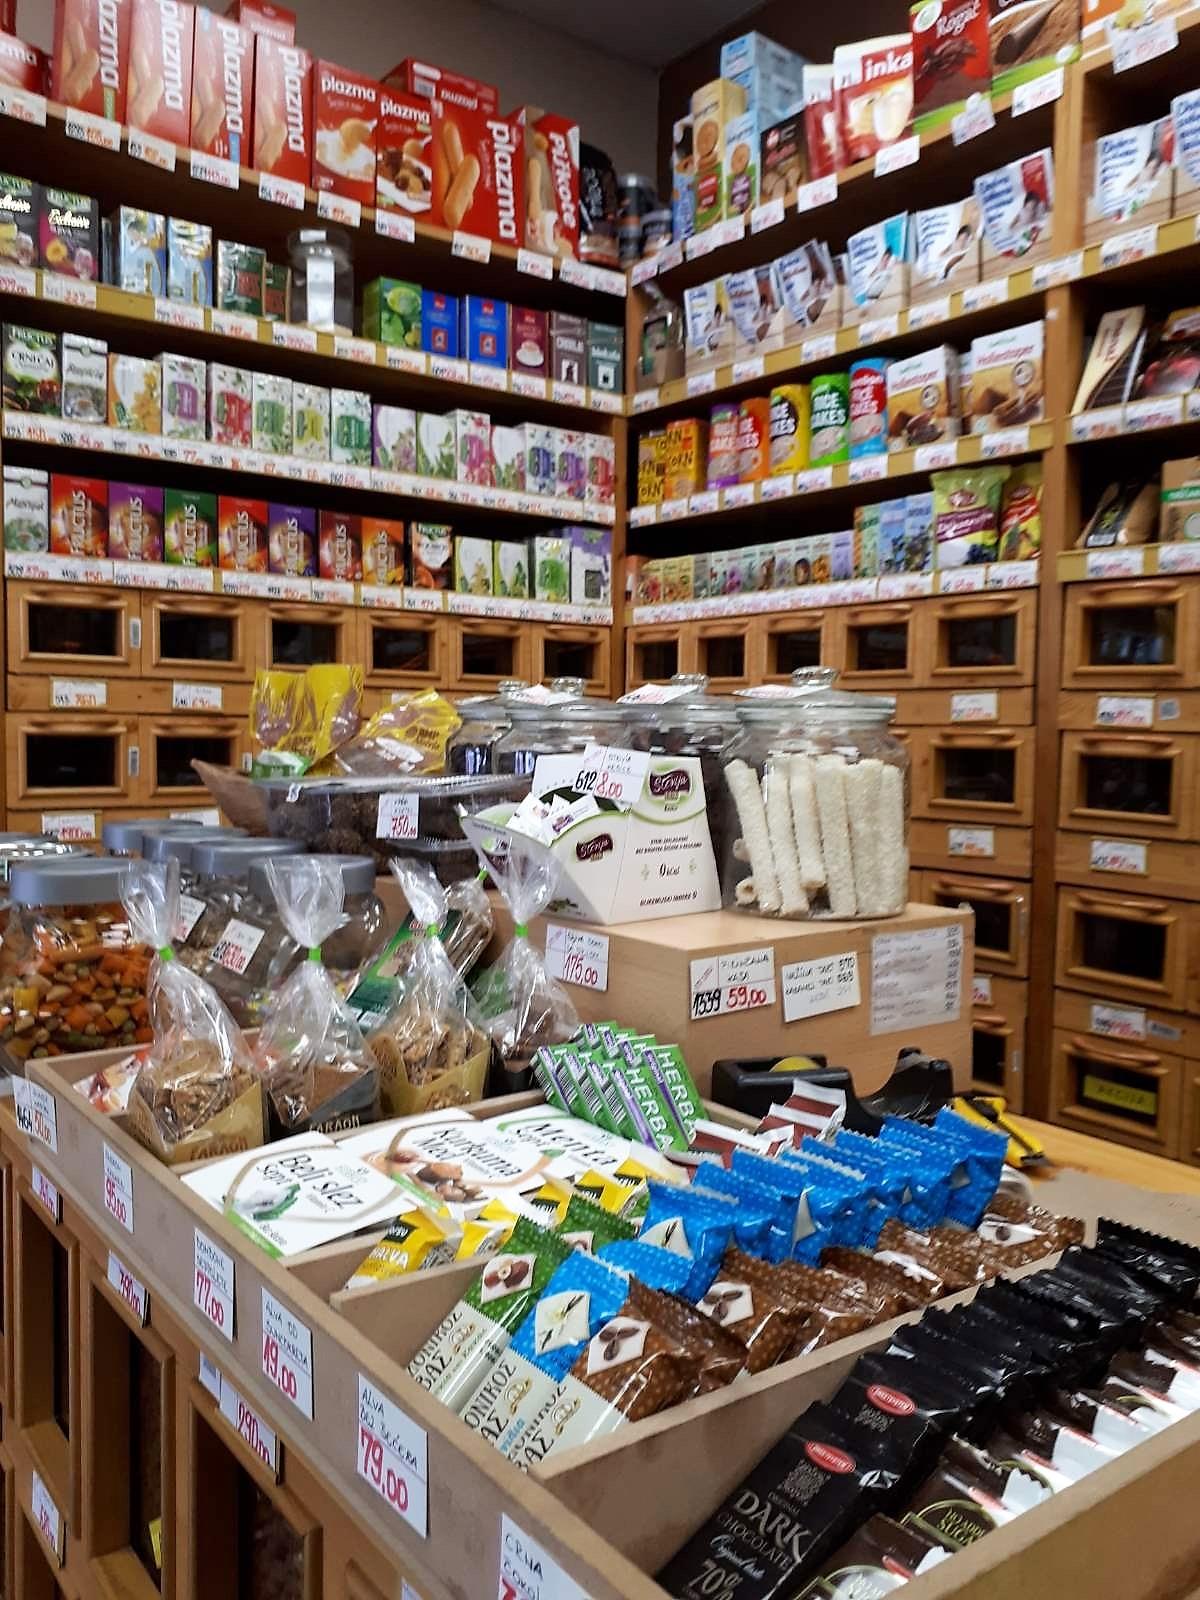 prodavnica_zdrave_hrane_libra_reljkoviceva_unutra